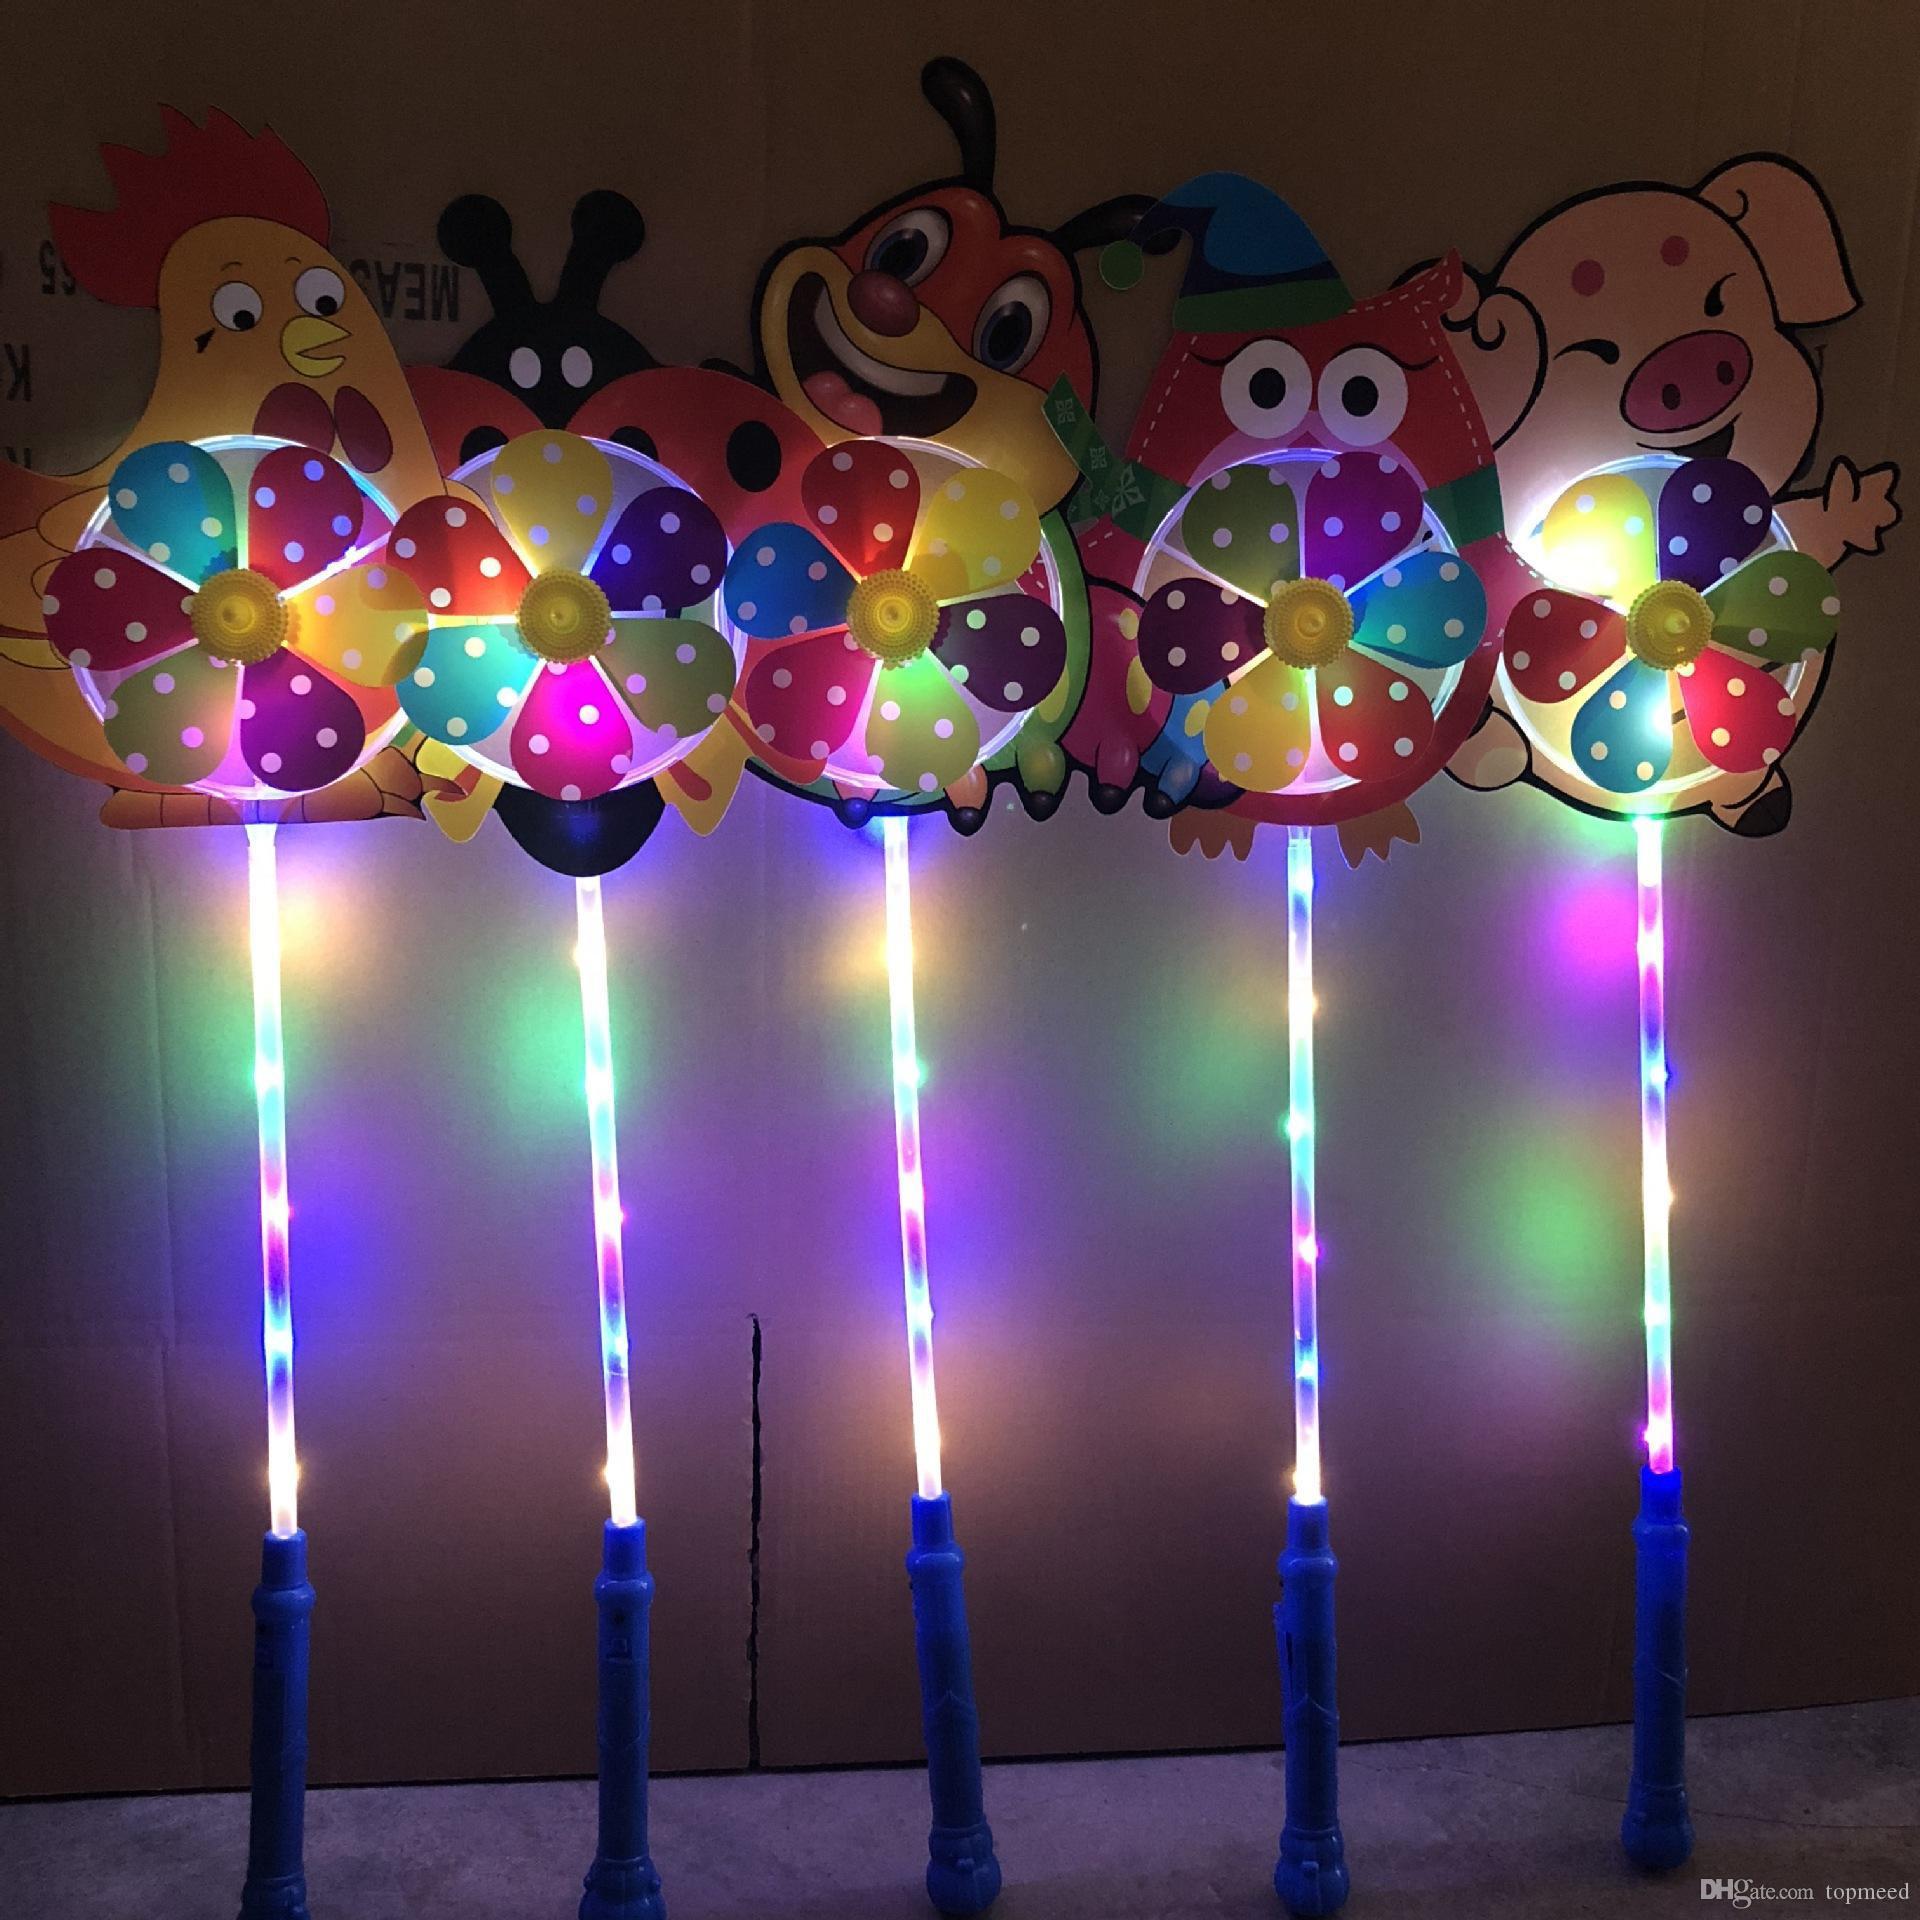 طاحونة KIDS LED الكرتون اللعب الملونة يلة الدولاب على الهواء أضواء زهرة البطة الكلب الديكور لعبة أطفال الحيوانات الأليفة طفل الفتيان الفتيات مروحة عجلة الحزب